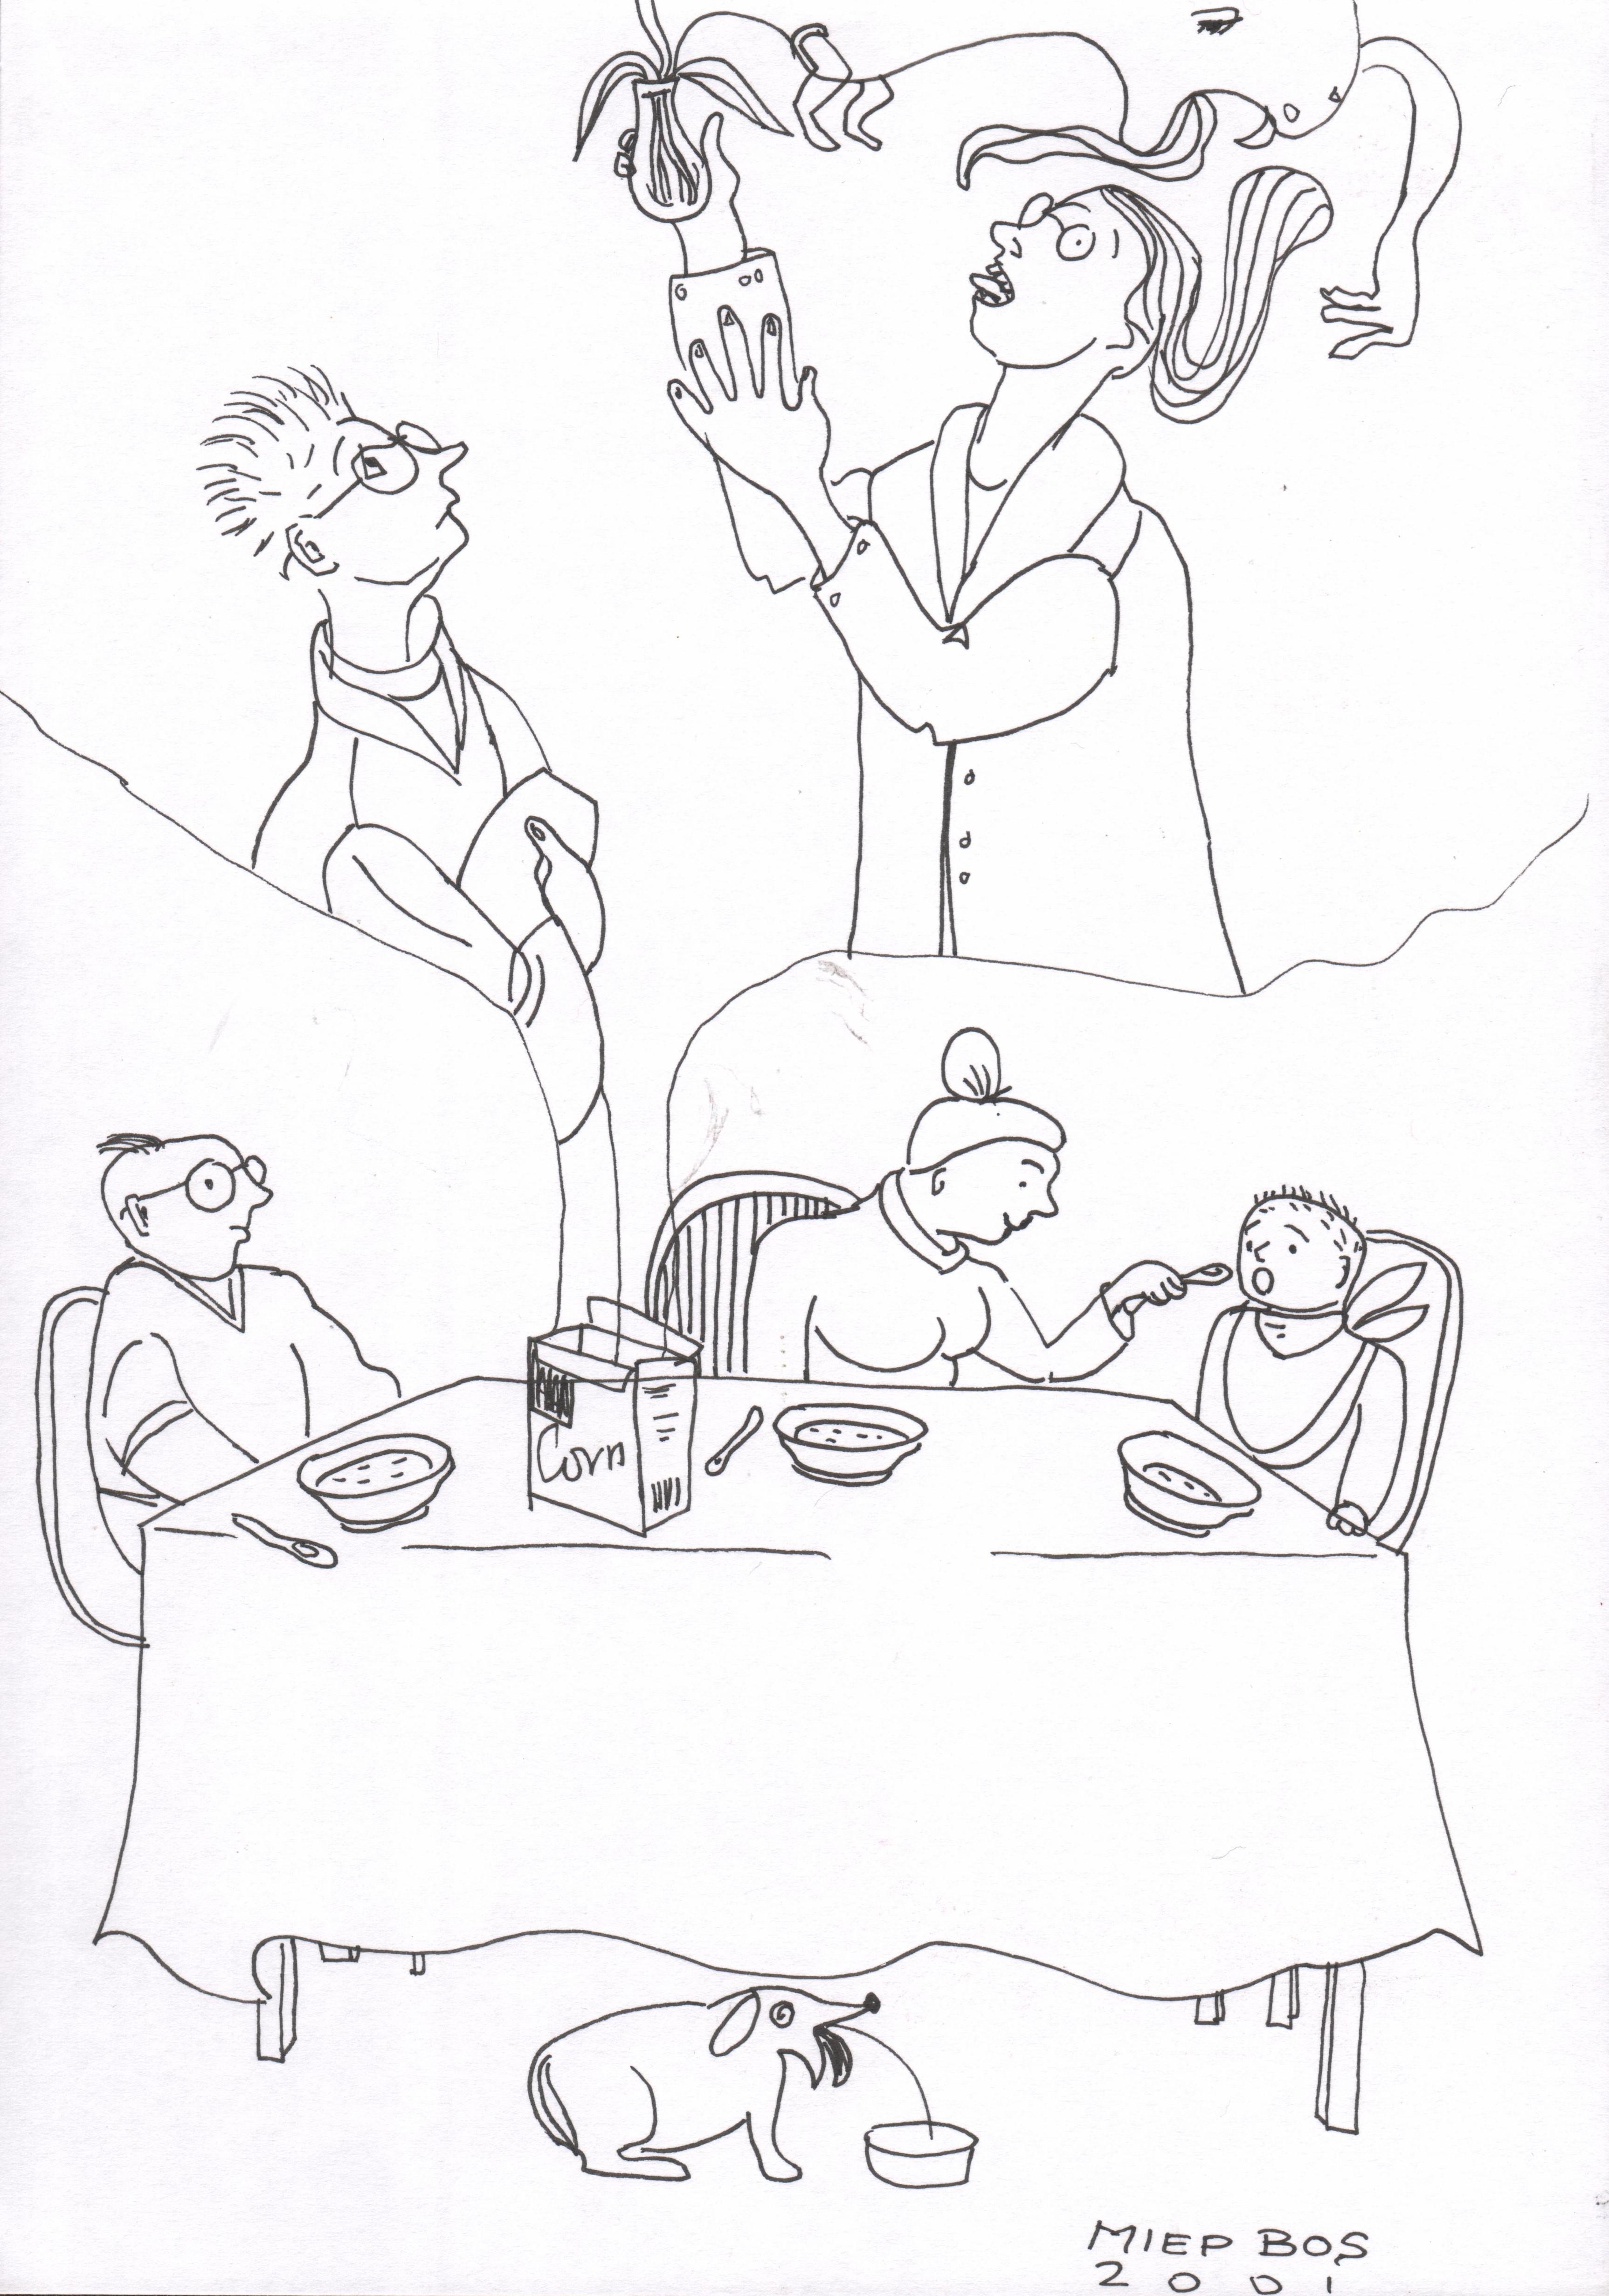 Gentechneuten, Miep Bos 2001